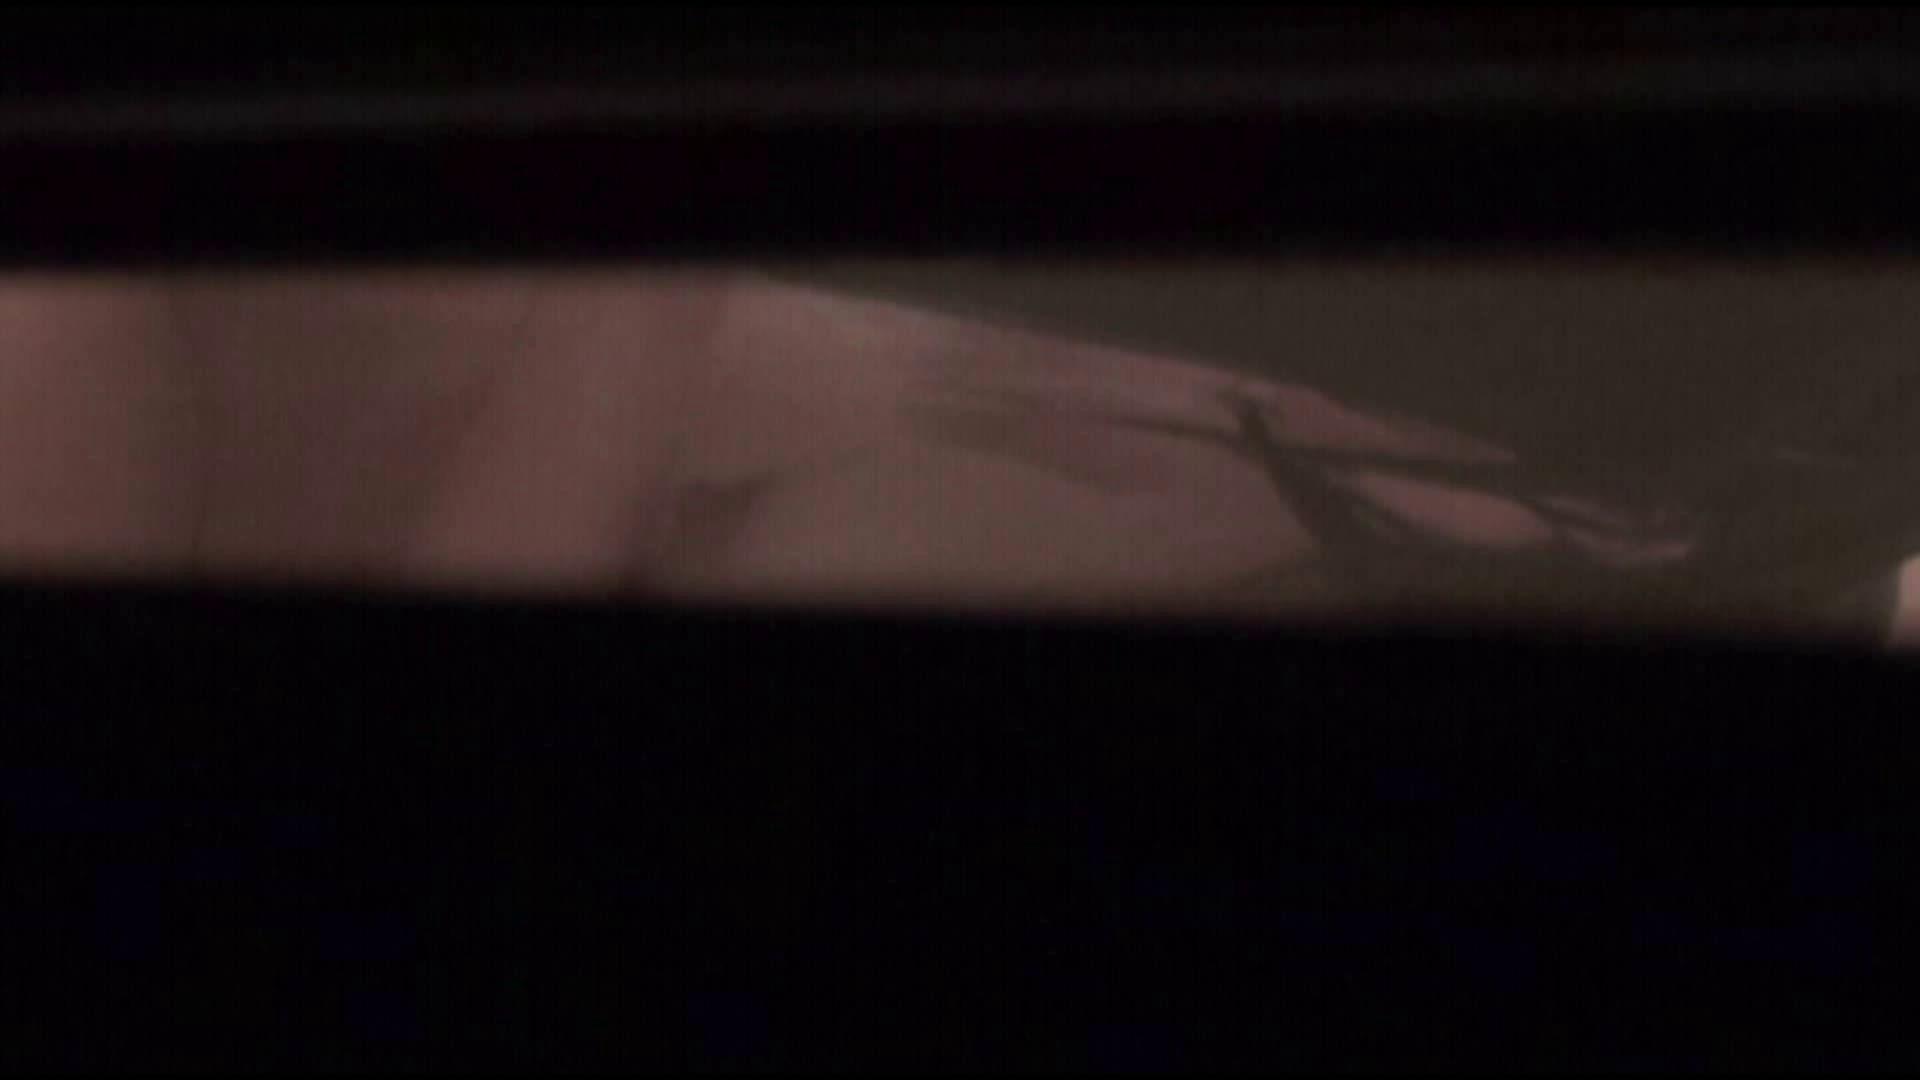 民家の騎士さんの最後の性戦ハイビジョン!!No.47 おっぱい特集  77pic 16